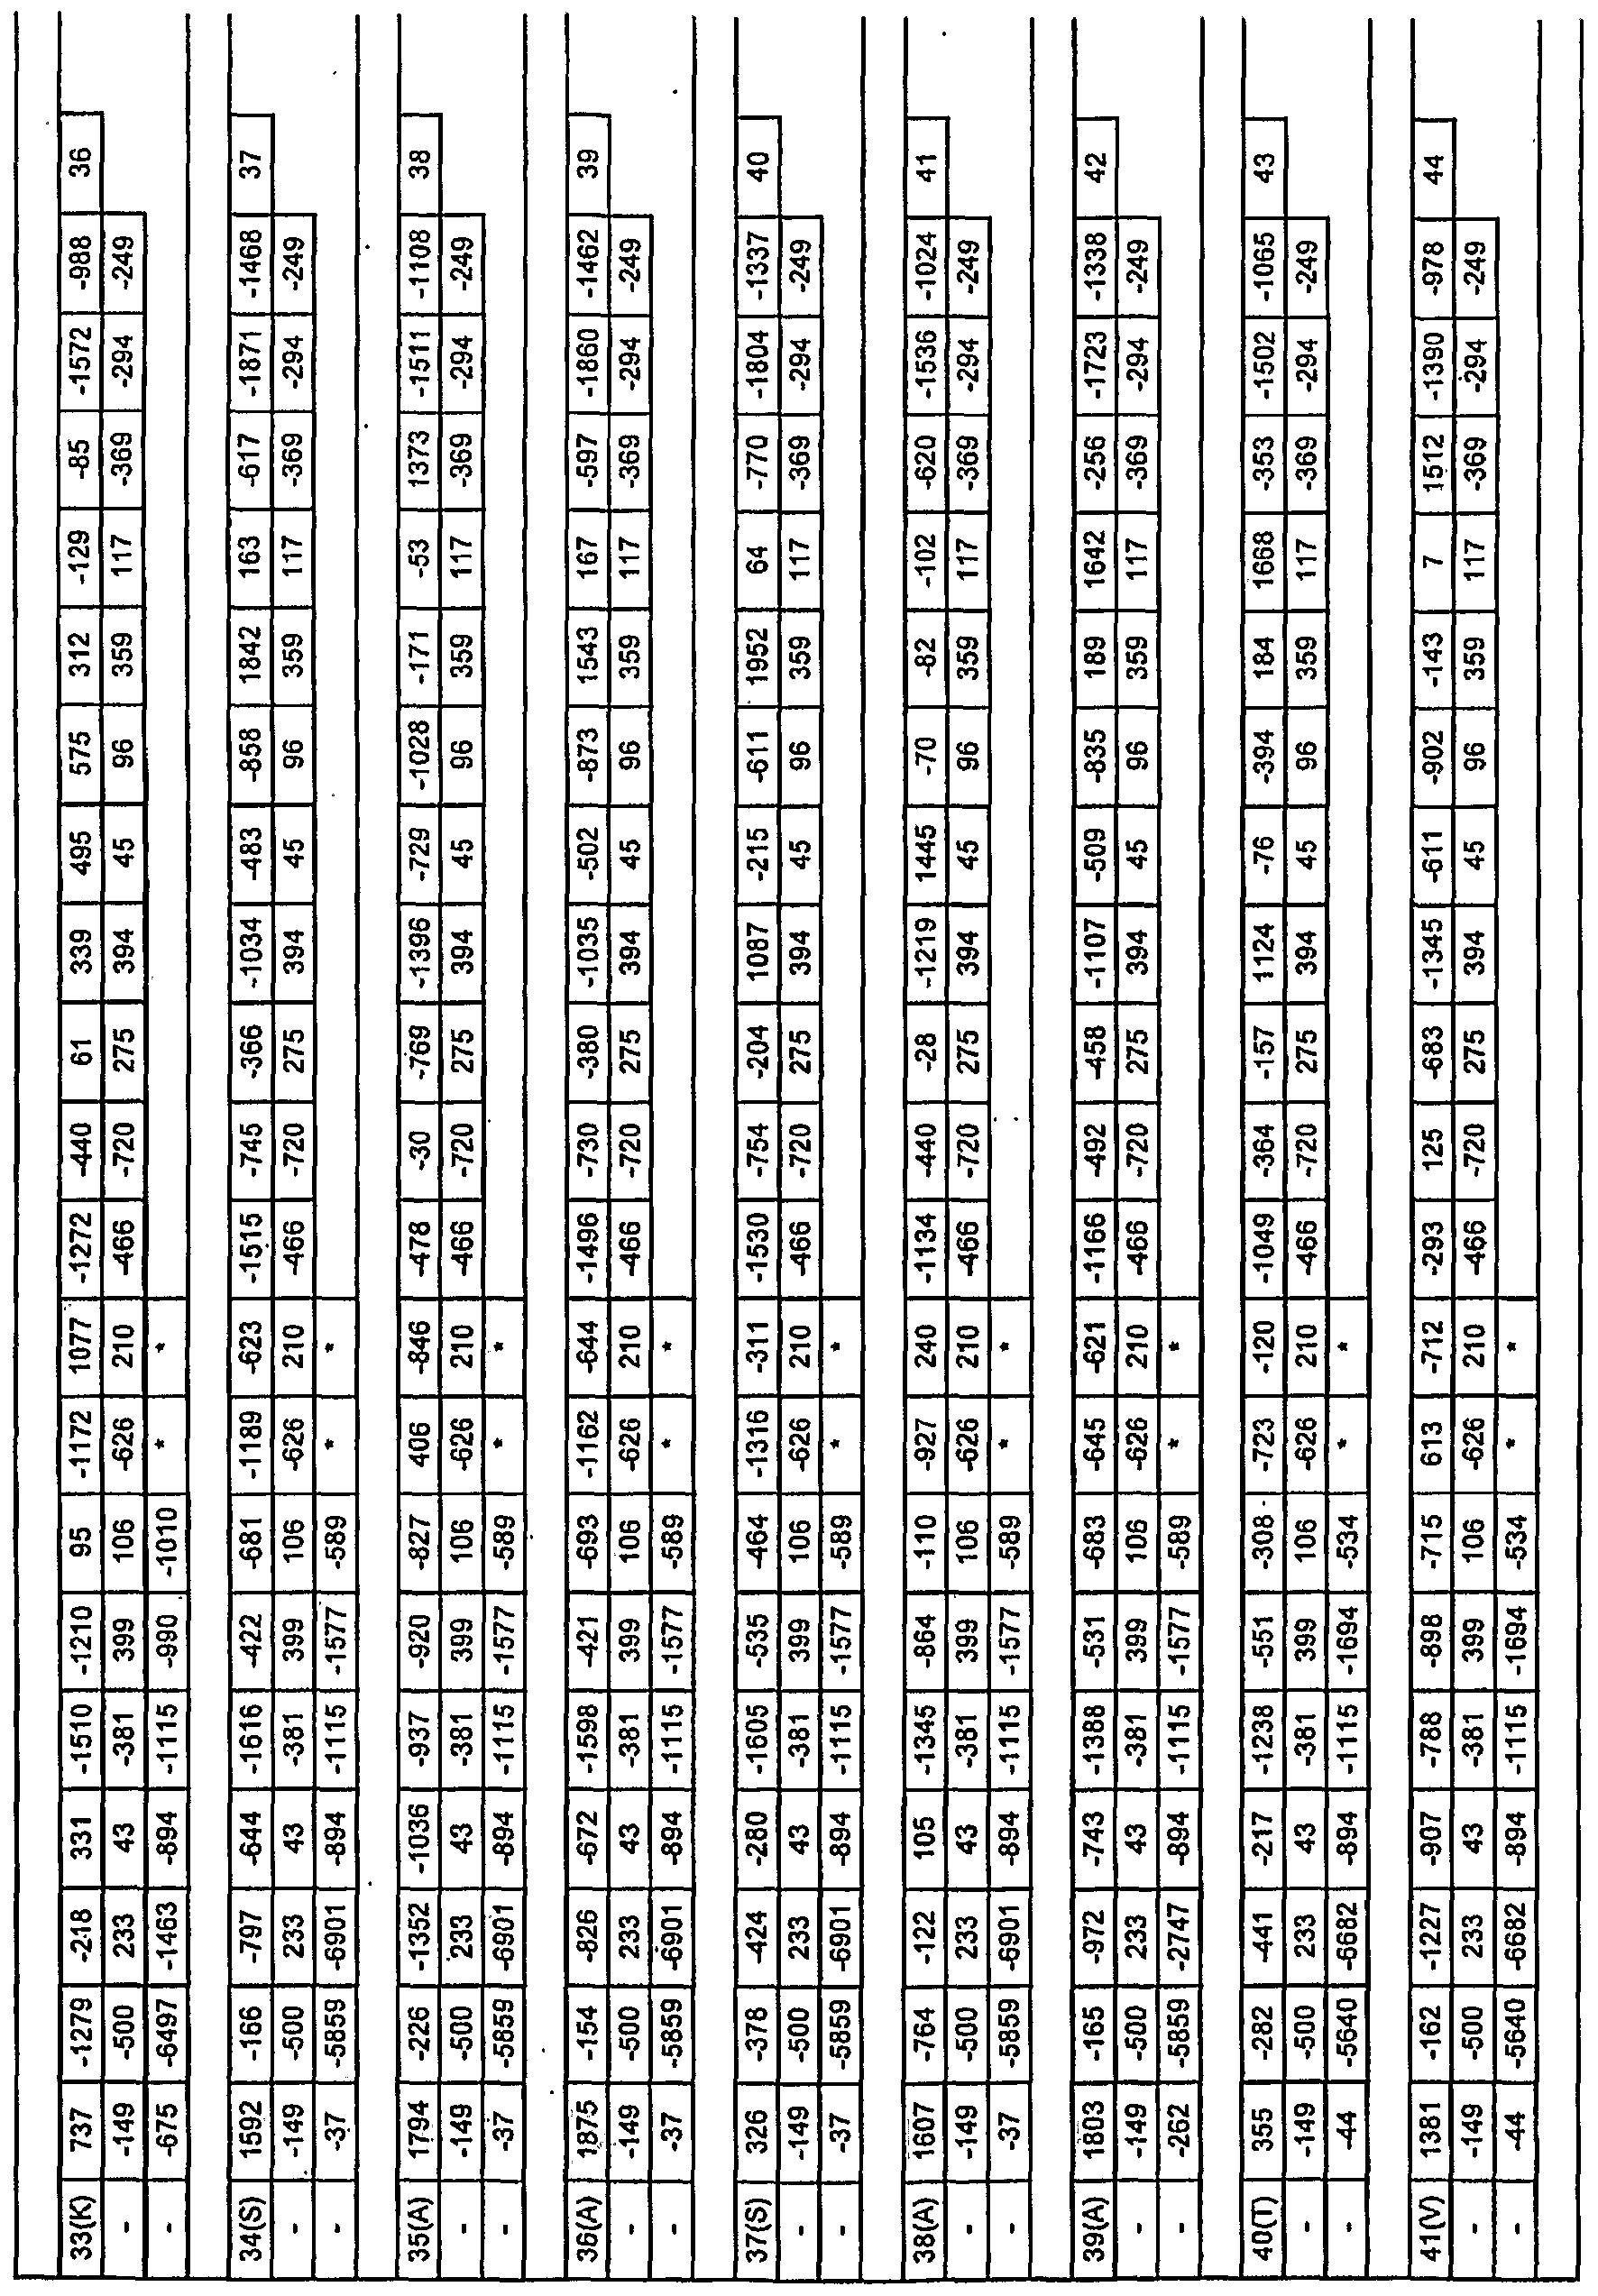 Figure imgf000194_0001